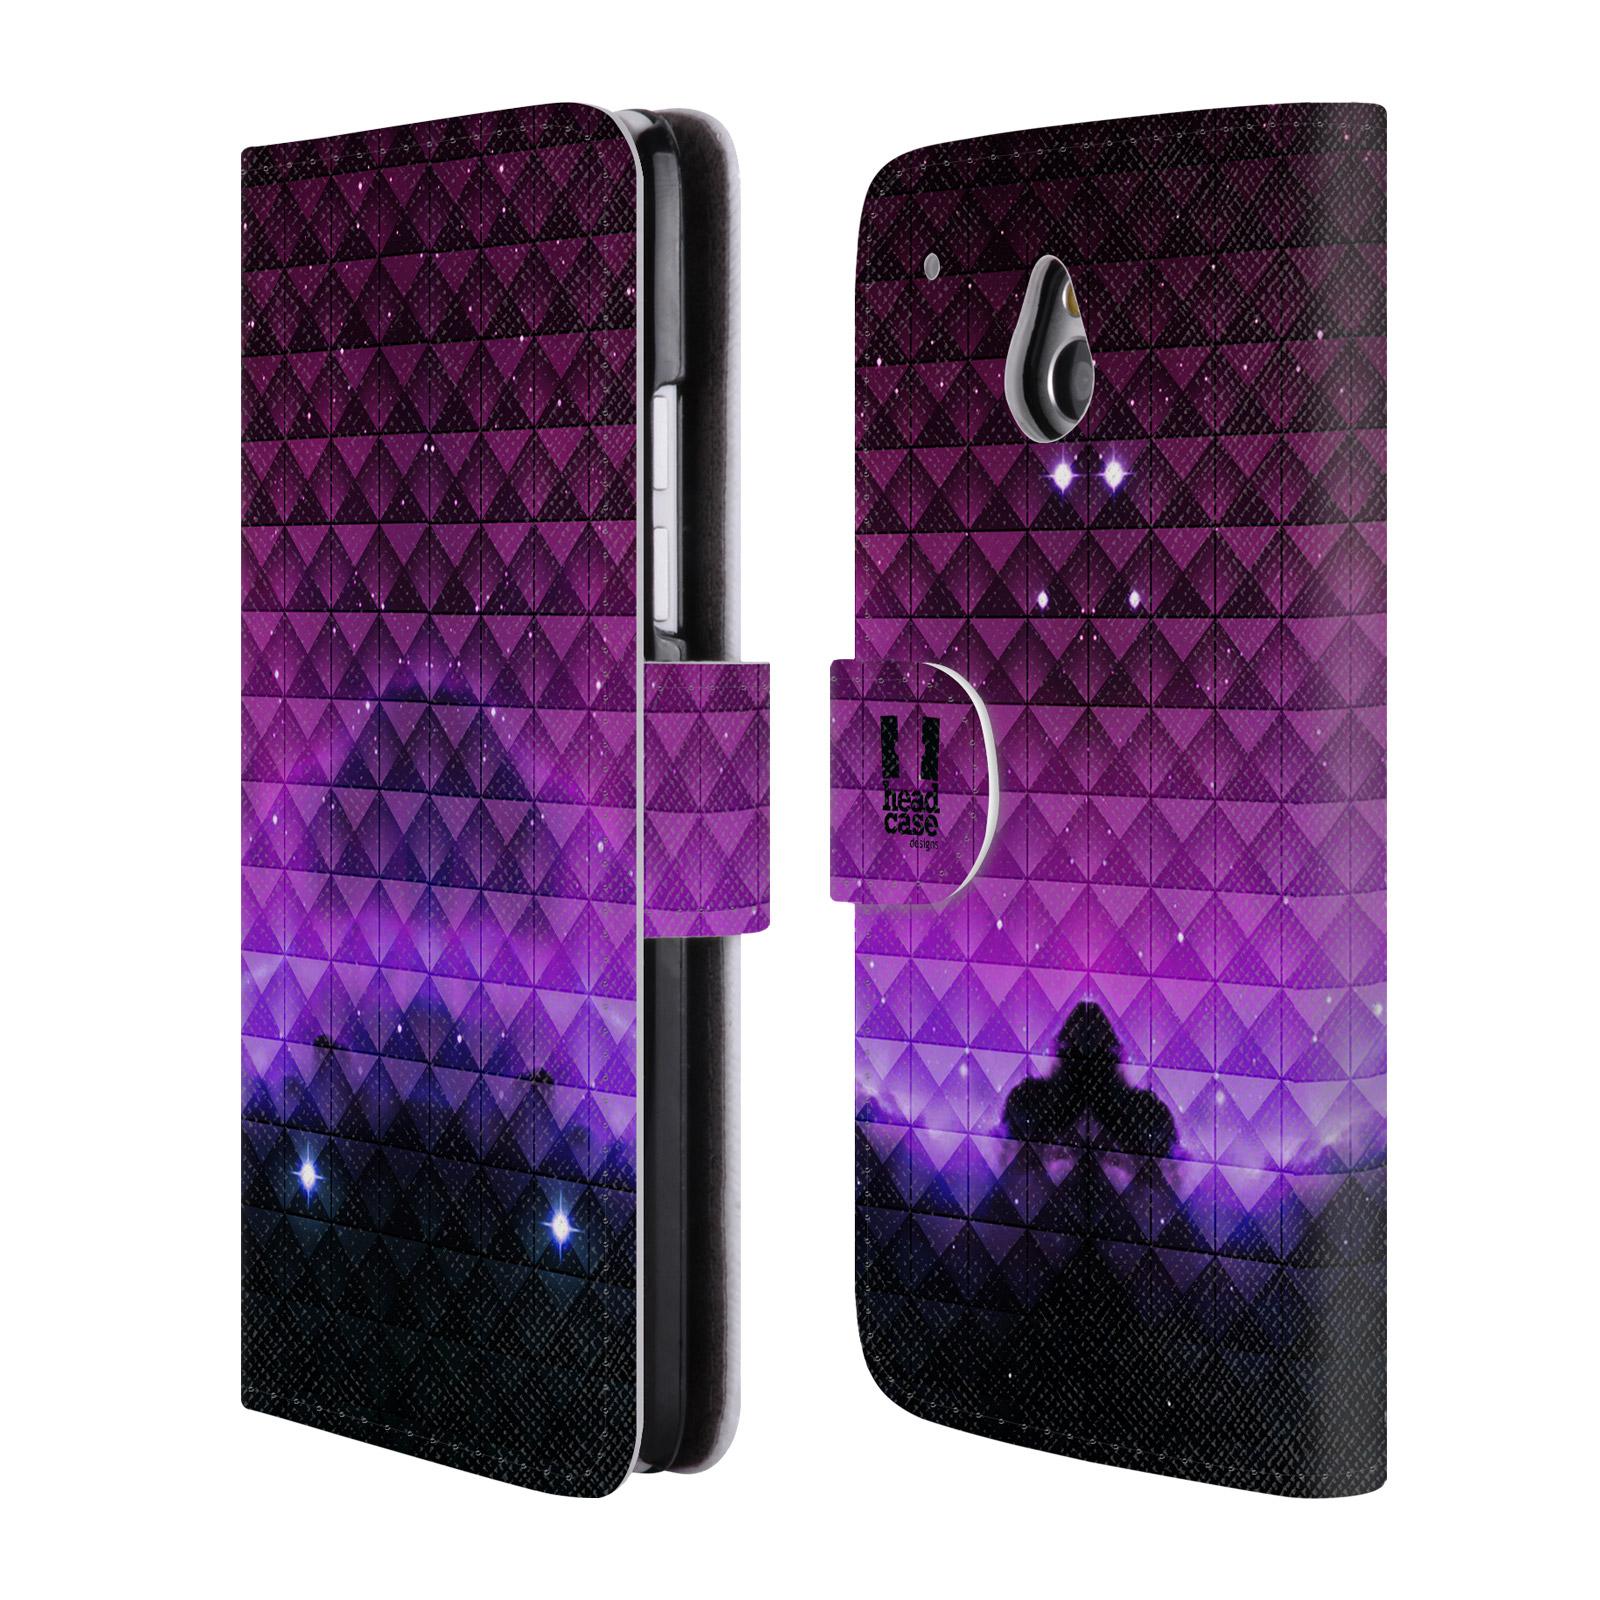 HEAD CASE Flipové pouzdro pro mobil HTC ONE MINI (M4) barevná vesmírná mlhovina fialová a černá